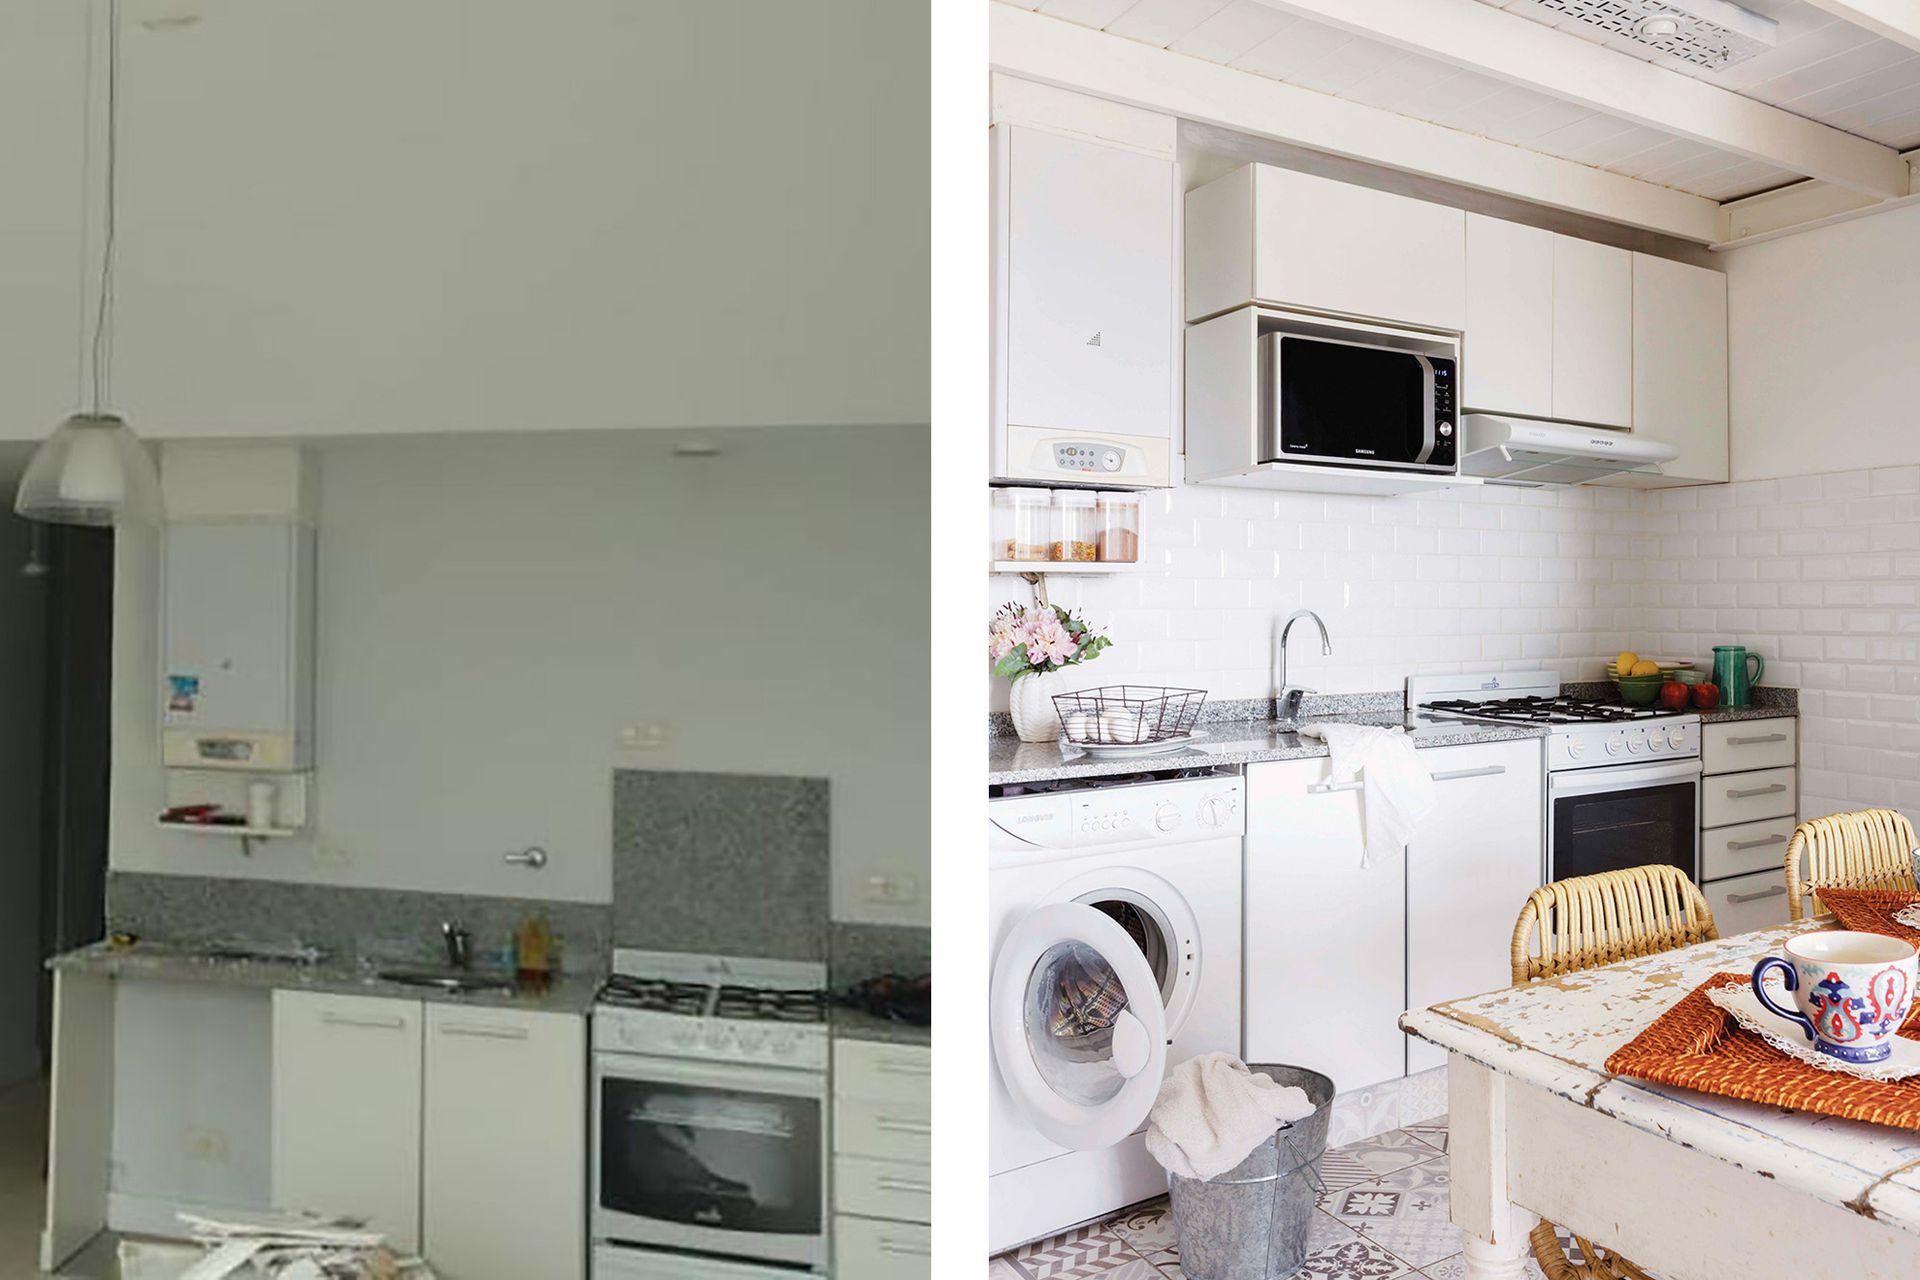 En la cocina se aprovechó el espacio del mueble para colocar un lavarropas. El piso se renovó con cerámica símil calcáreo (San Lorenzo).